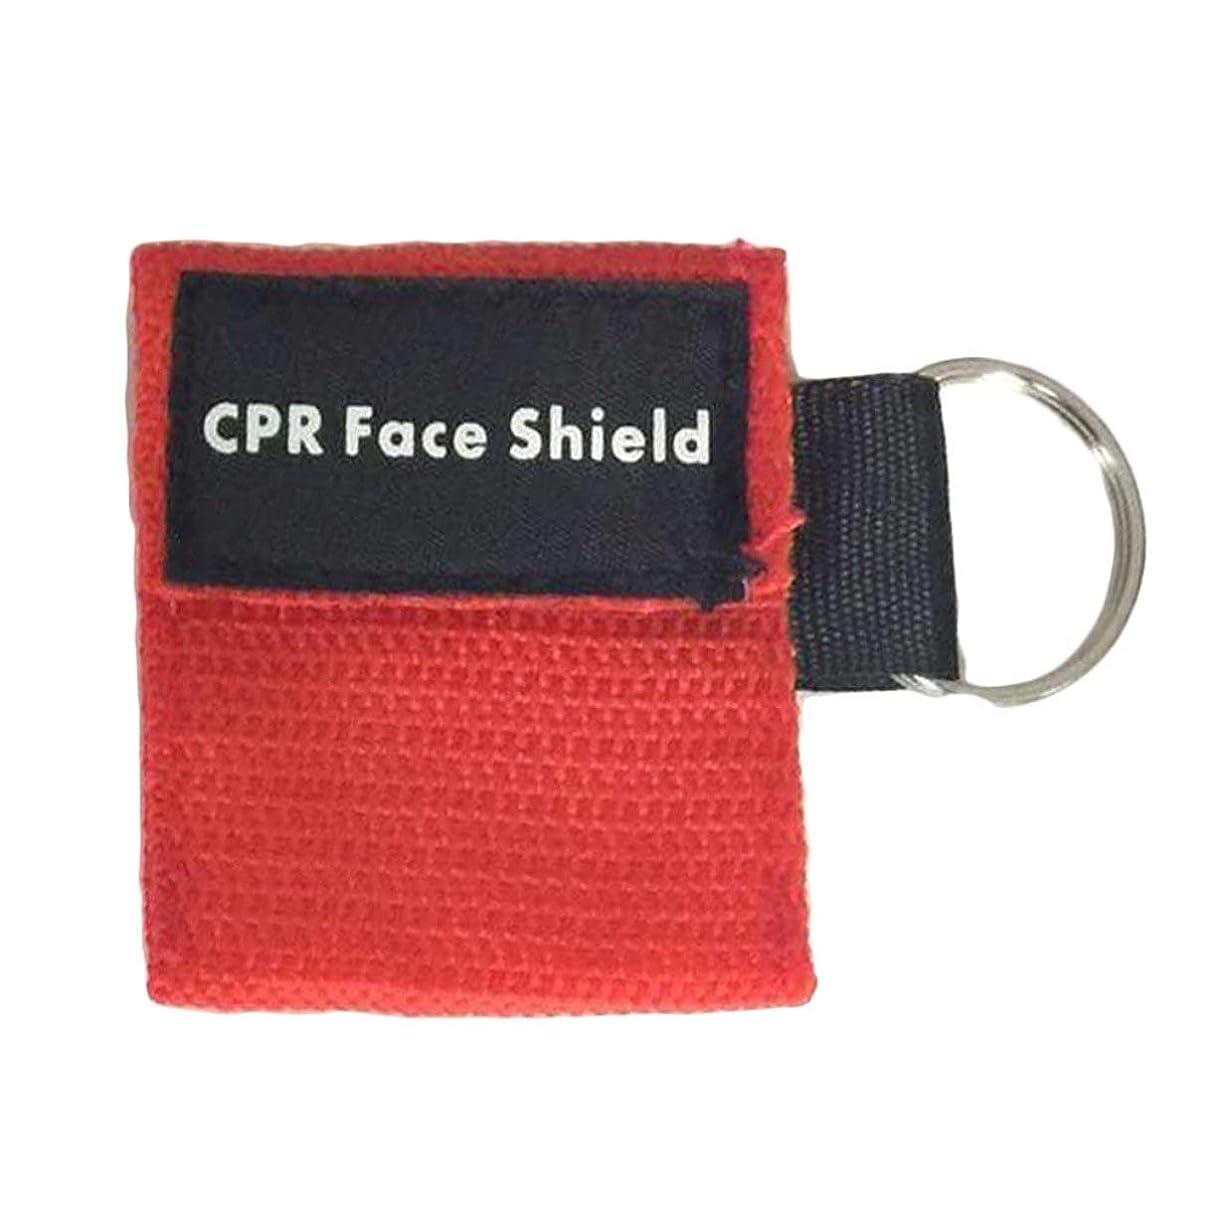 サイト容量親密な2ピースポータブル応急処置ミニCPRキーチェーンマスク/フェイスシールドバリアキットヘルスケアマスク1-ウェイバルブCPRマスク -